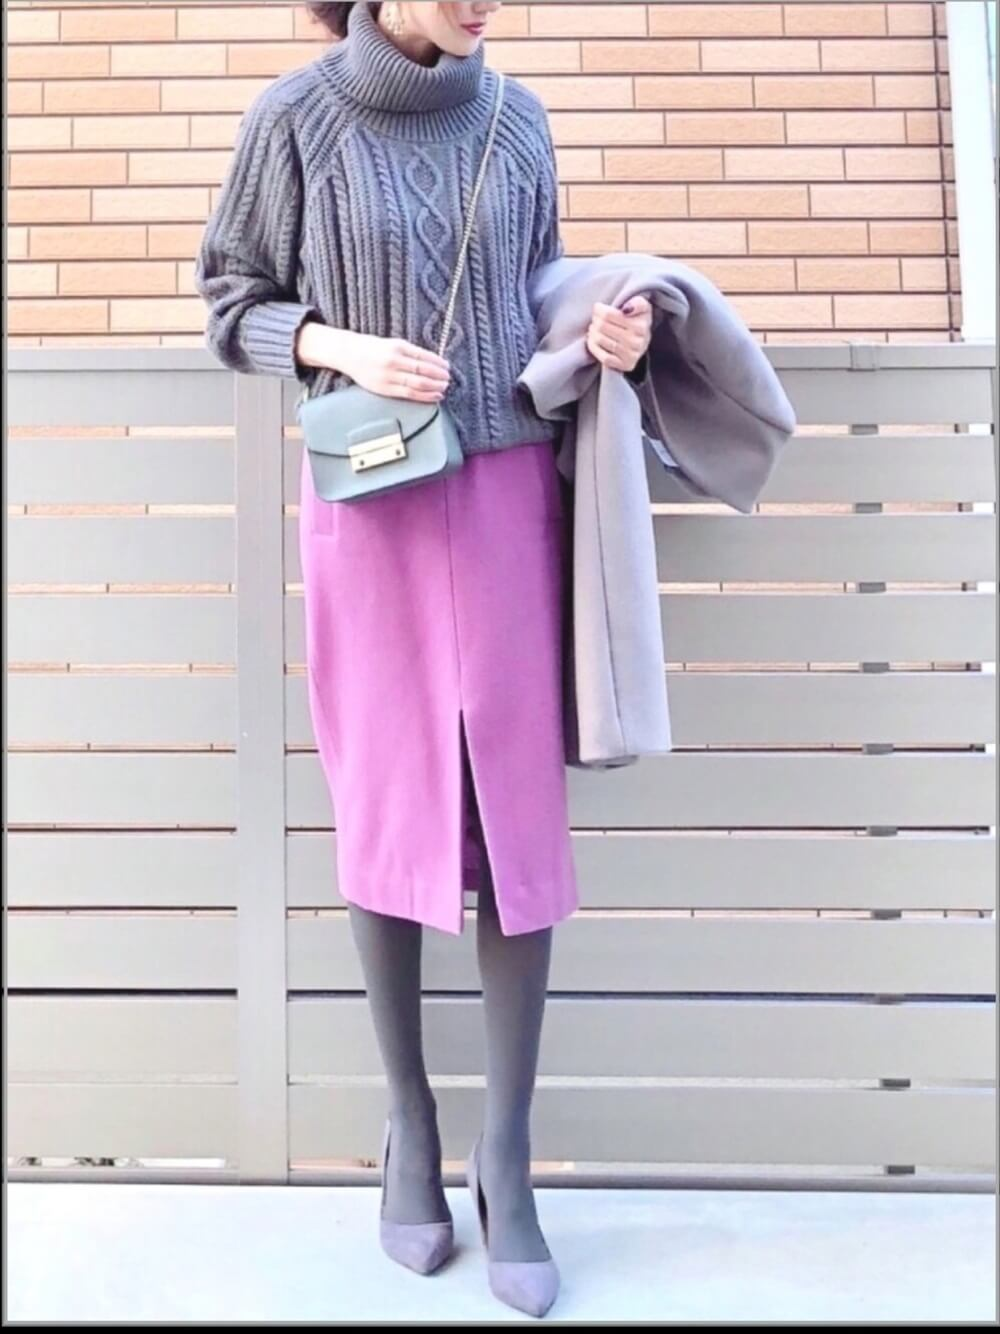 Vグレーのケーブルニットとピンクタイトスカートのコーデ画像